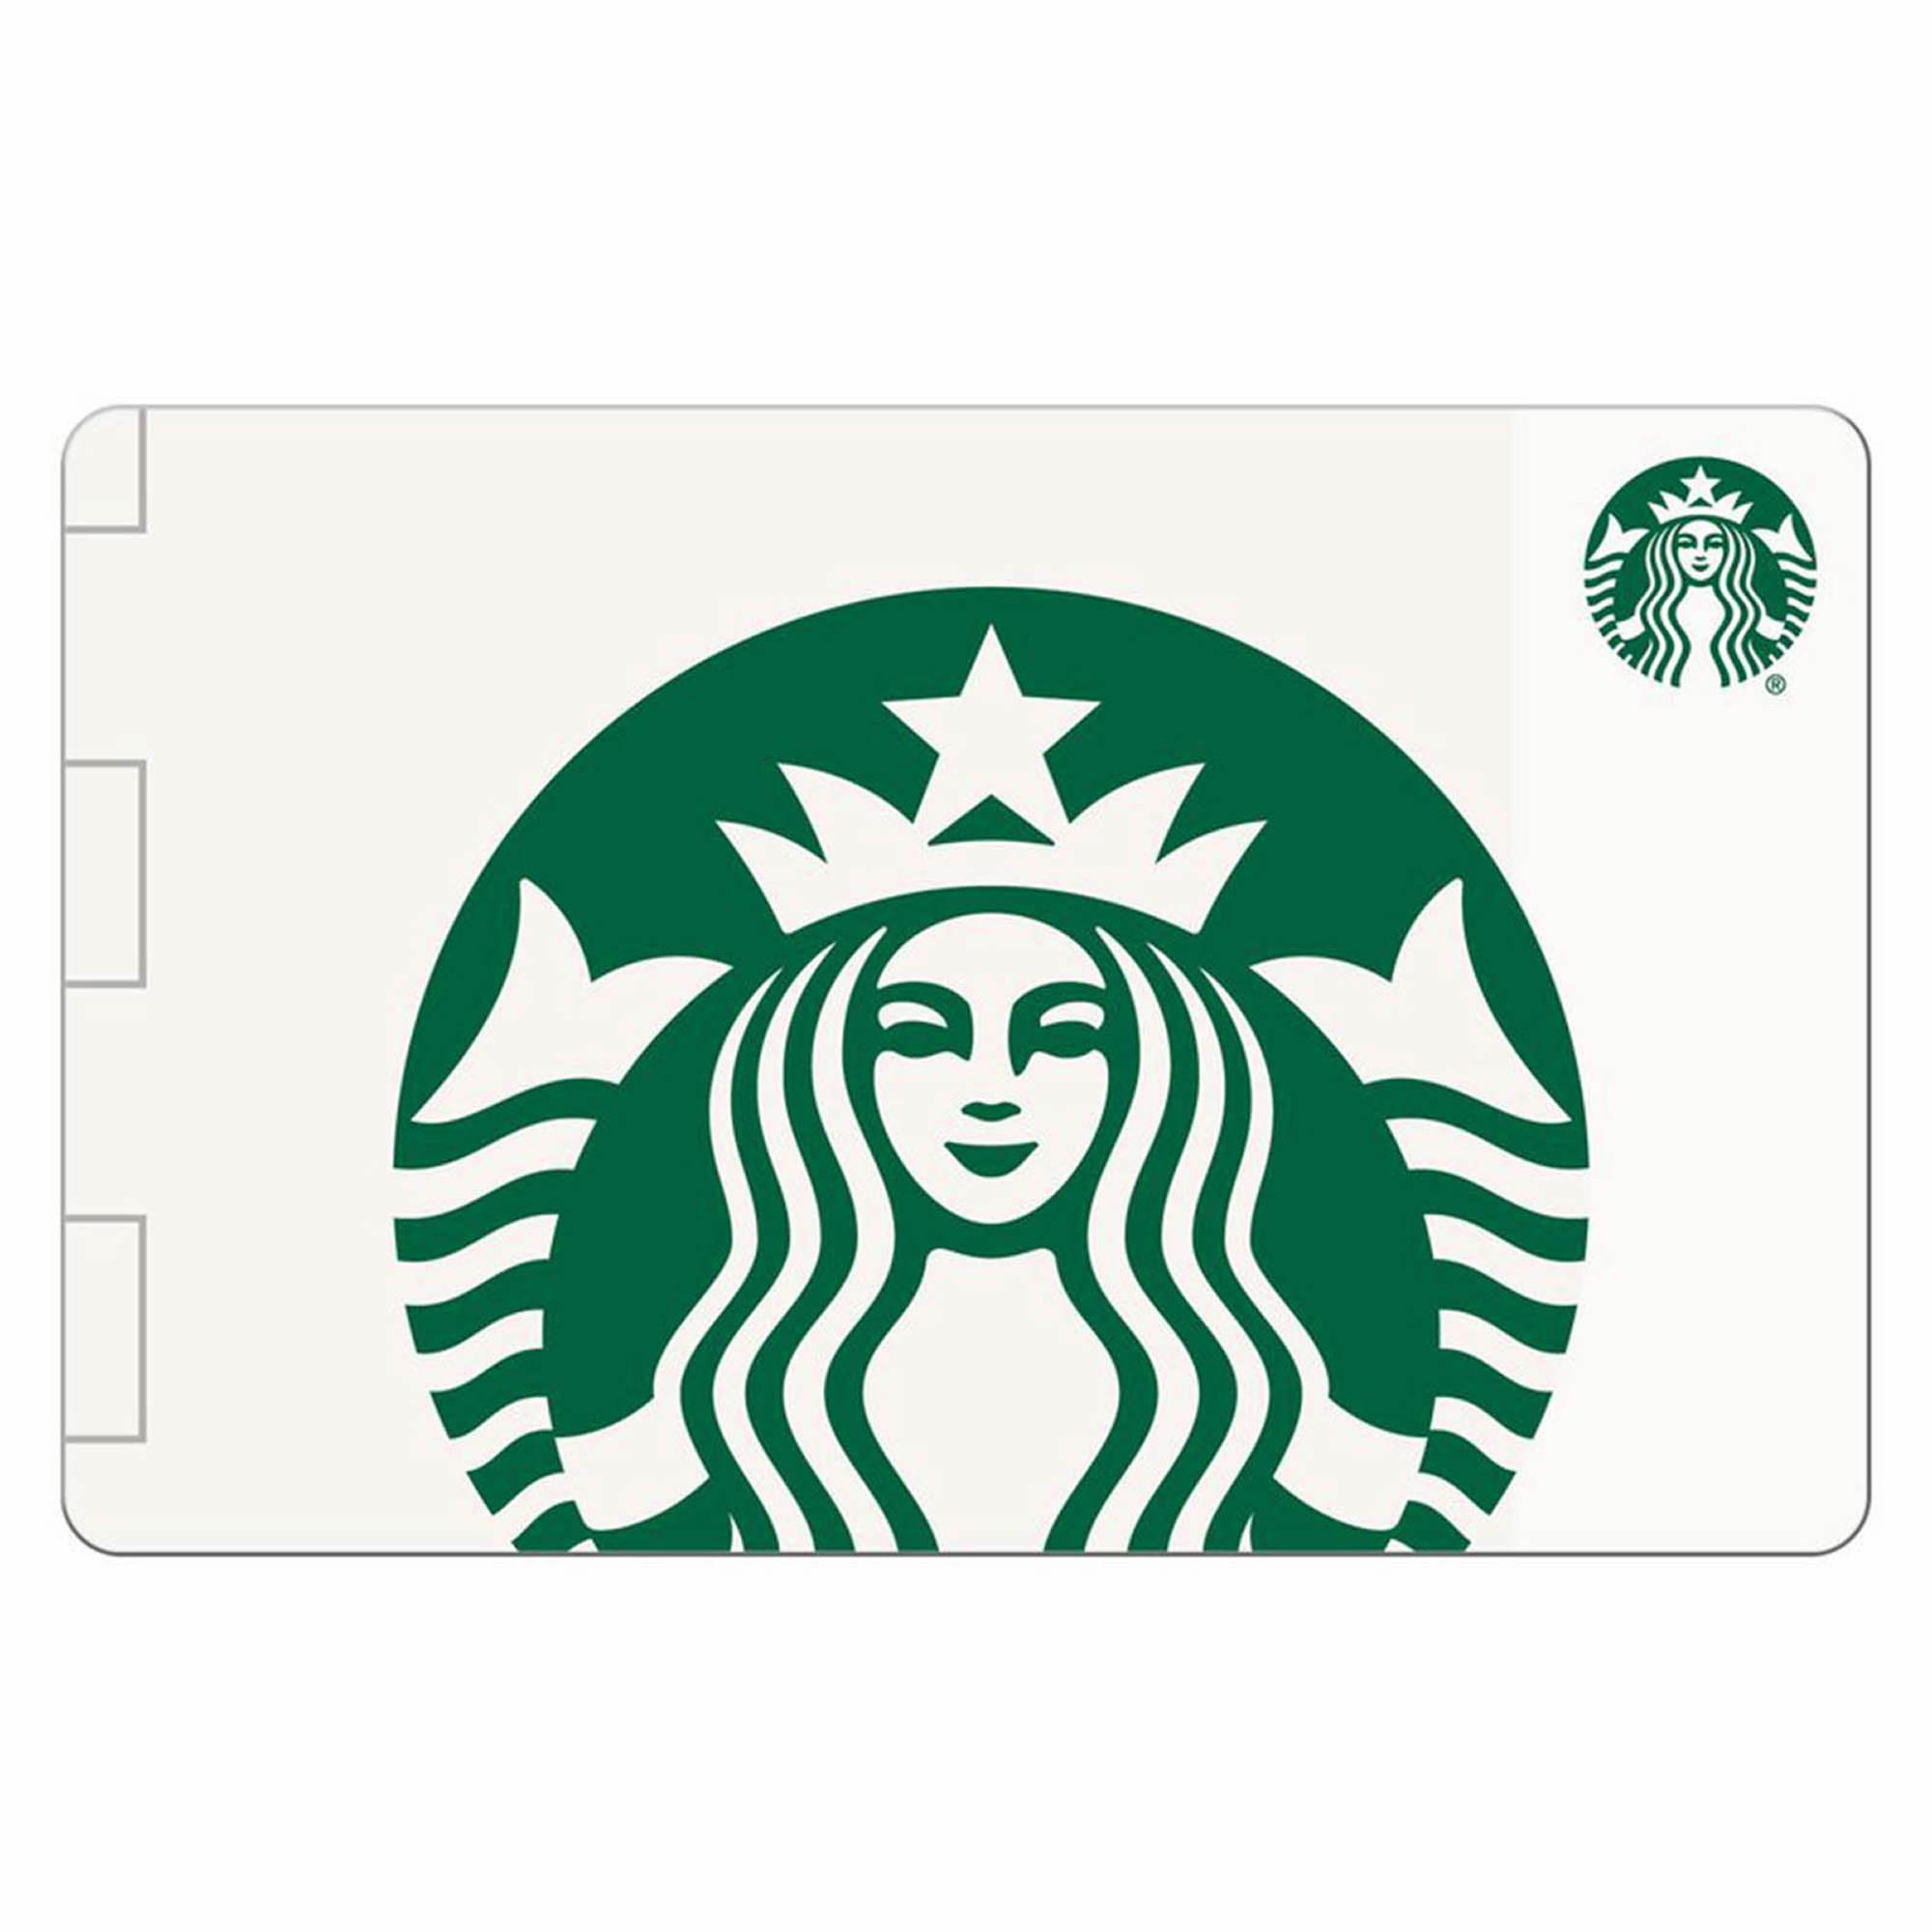 3-Pack $10 Starbucks Gift Card ($30 total value)